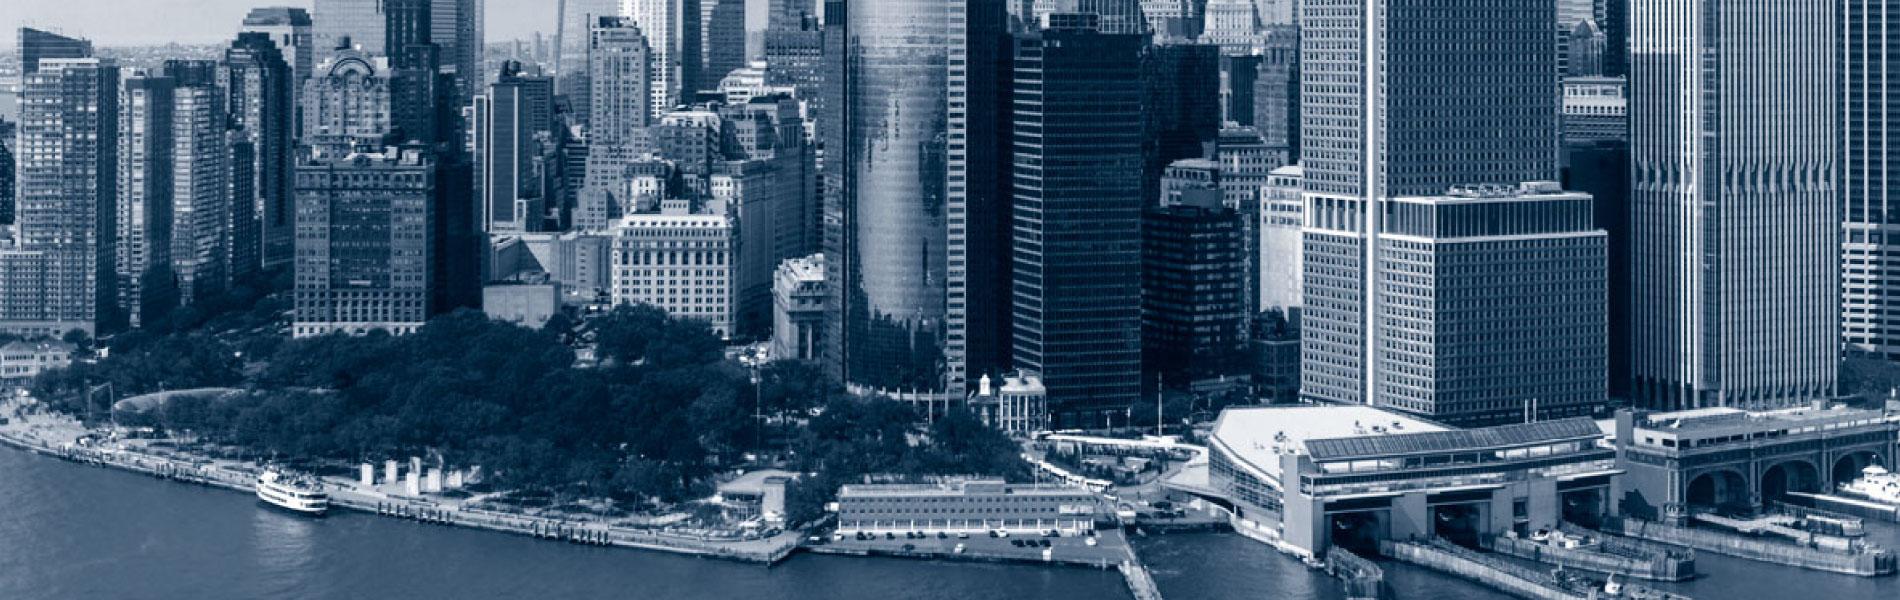 5-cities-world-better-1900x600.jpg